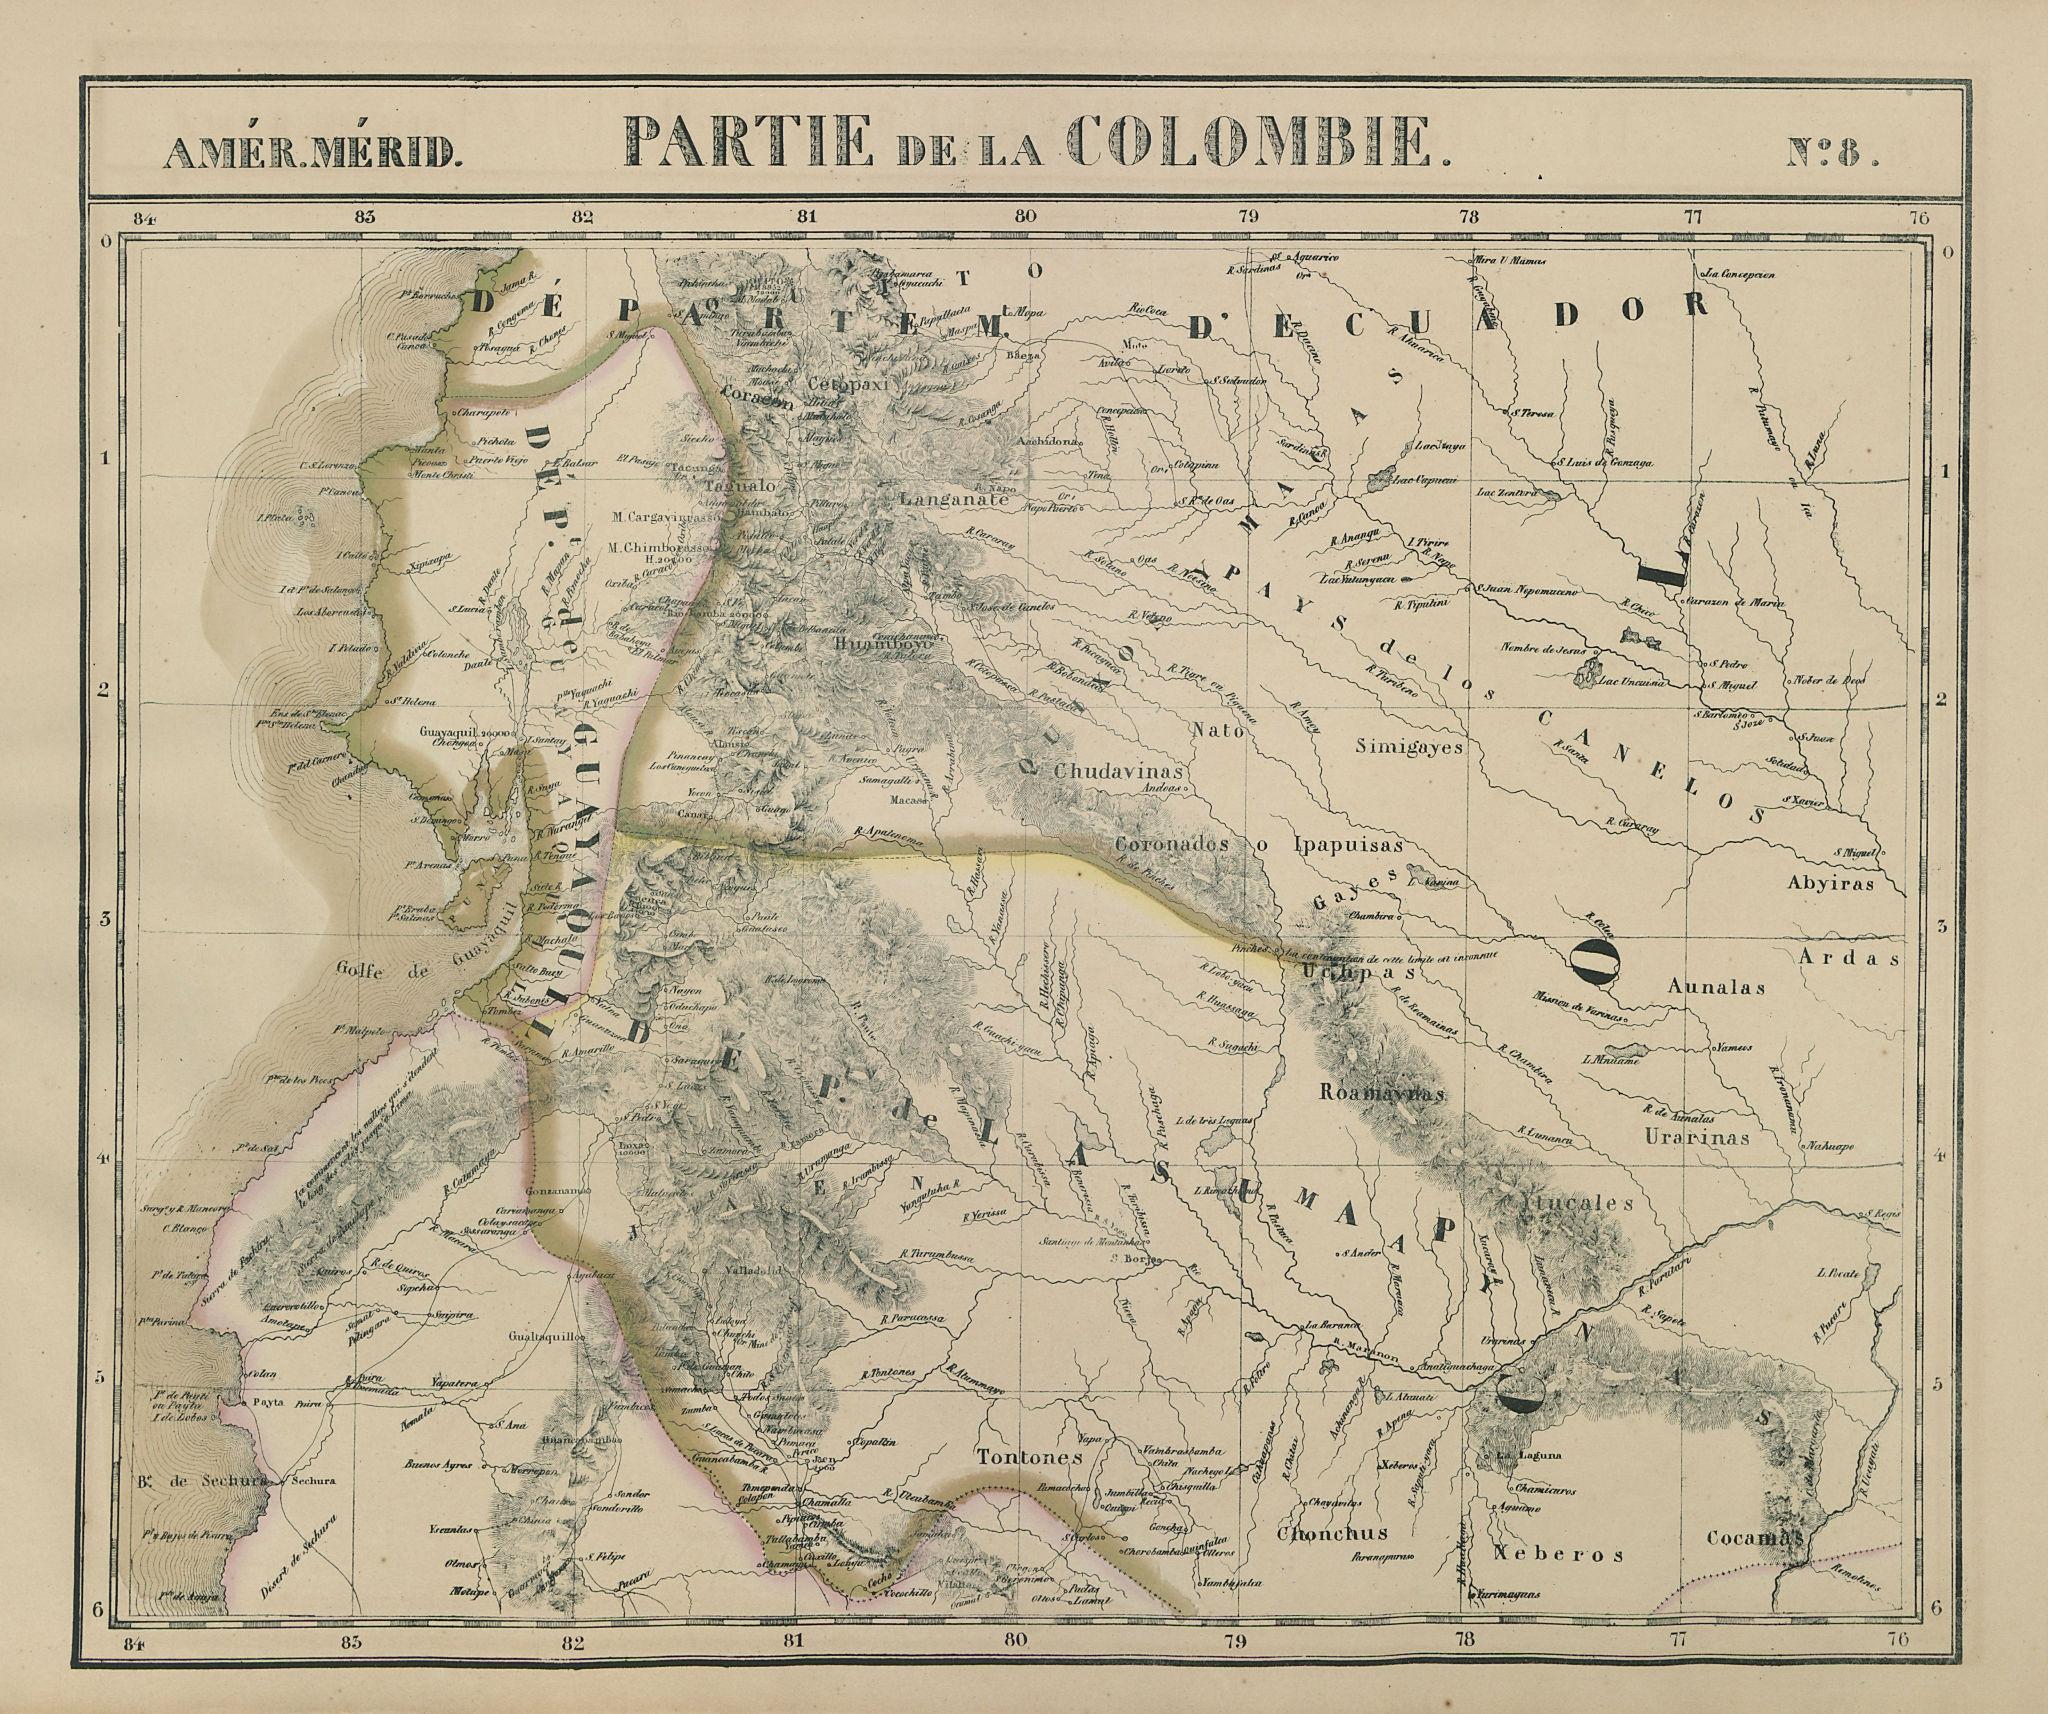 Amér. Mér. Colombie #8. Ecuador & north-western Peru. VANDERMAELEN 1827 map